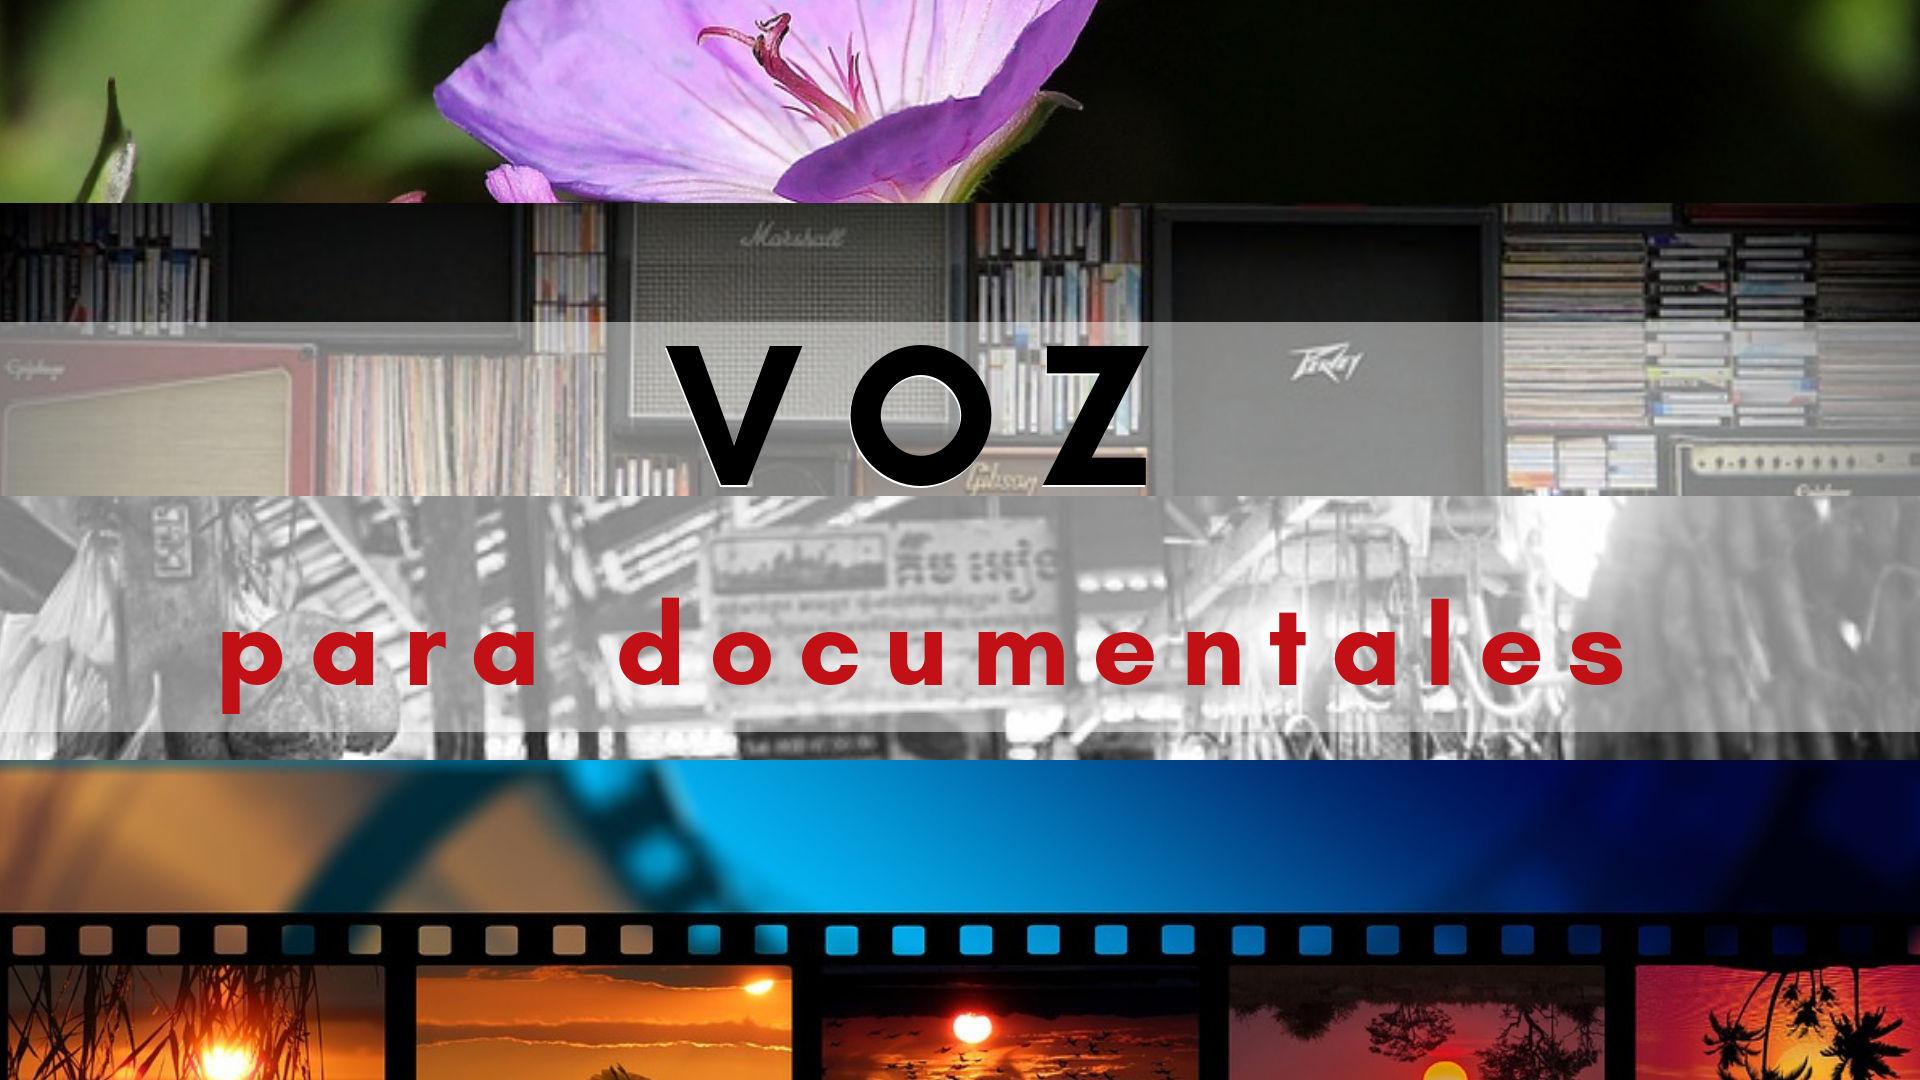 Locutora para documentales. Ejemplos y tarifas de grabación.